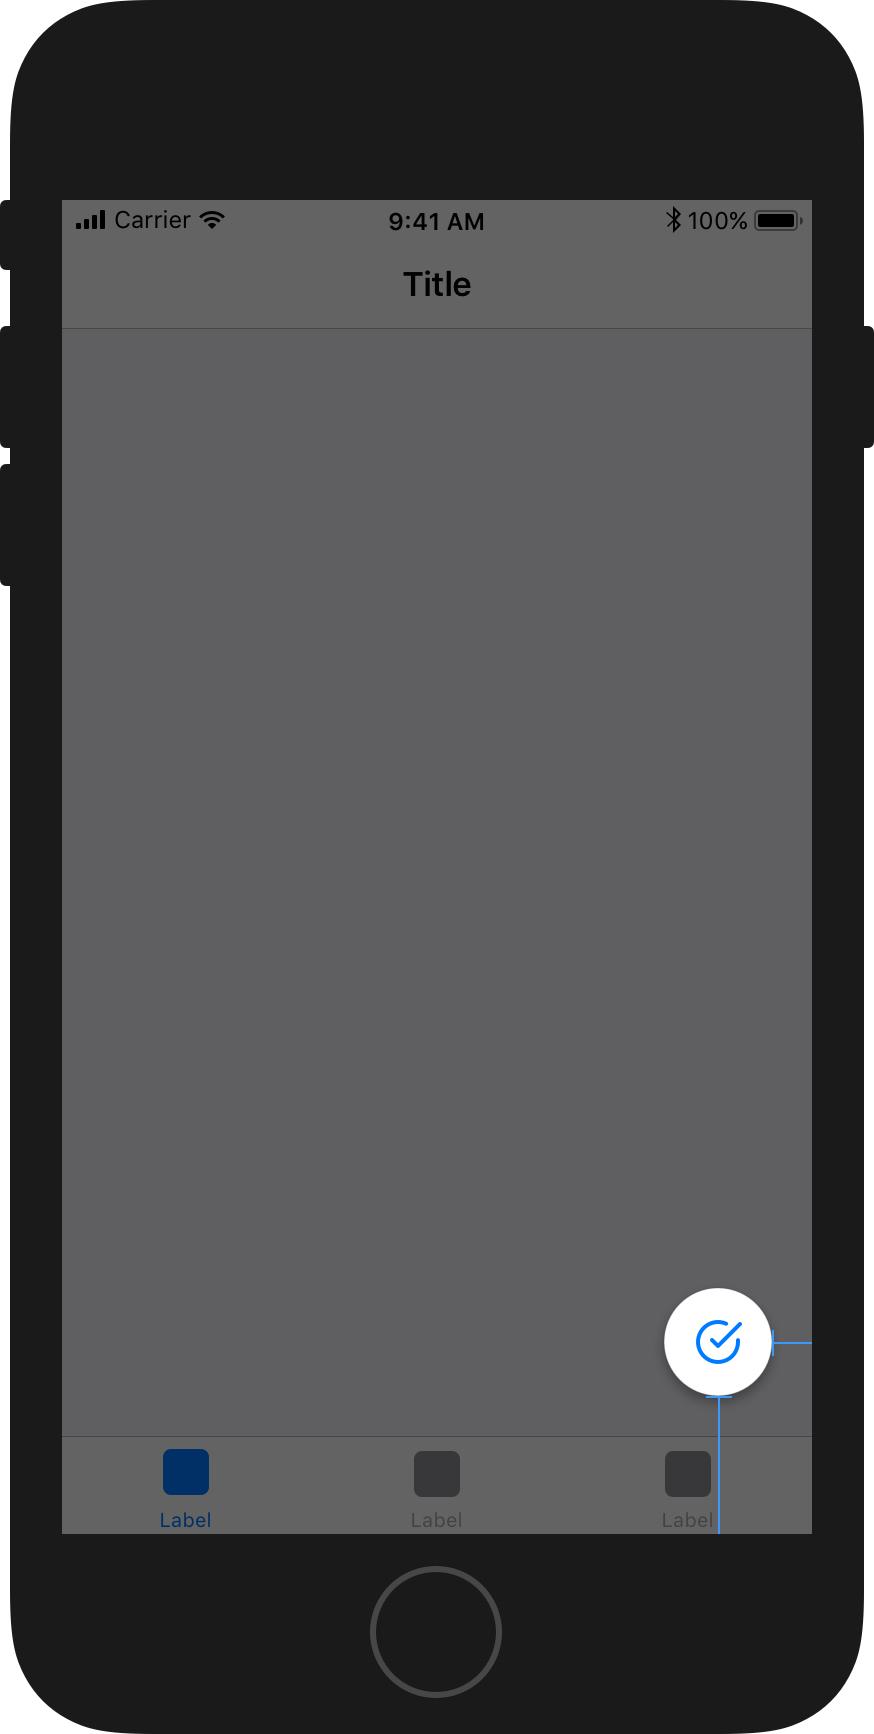 Launcher button placement